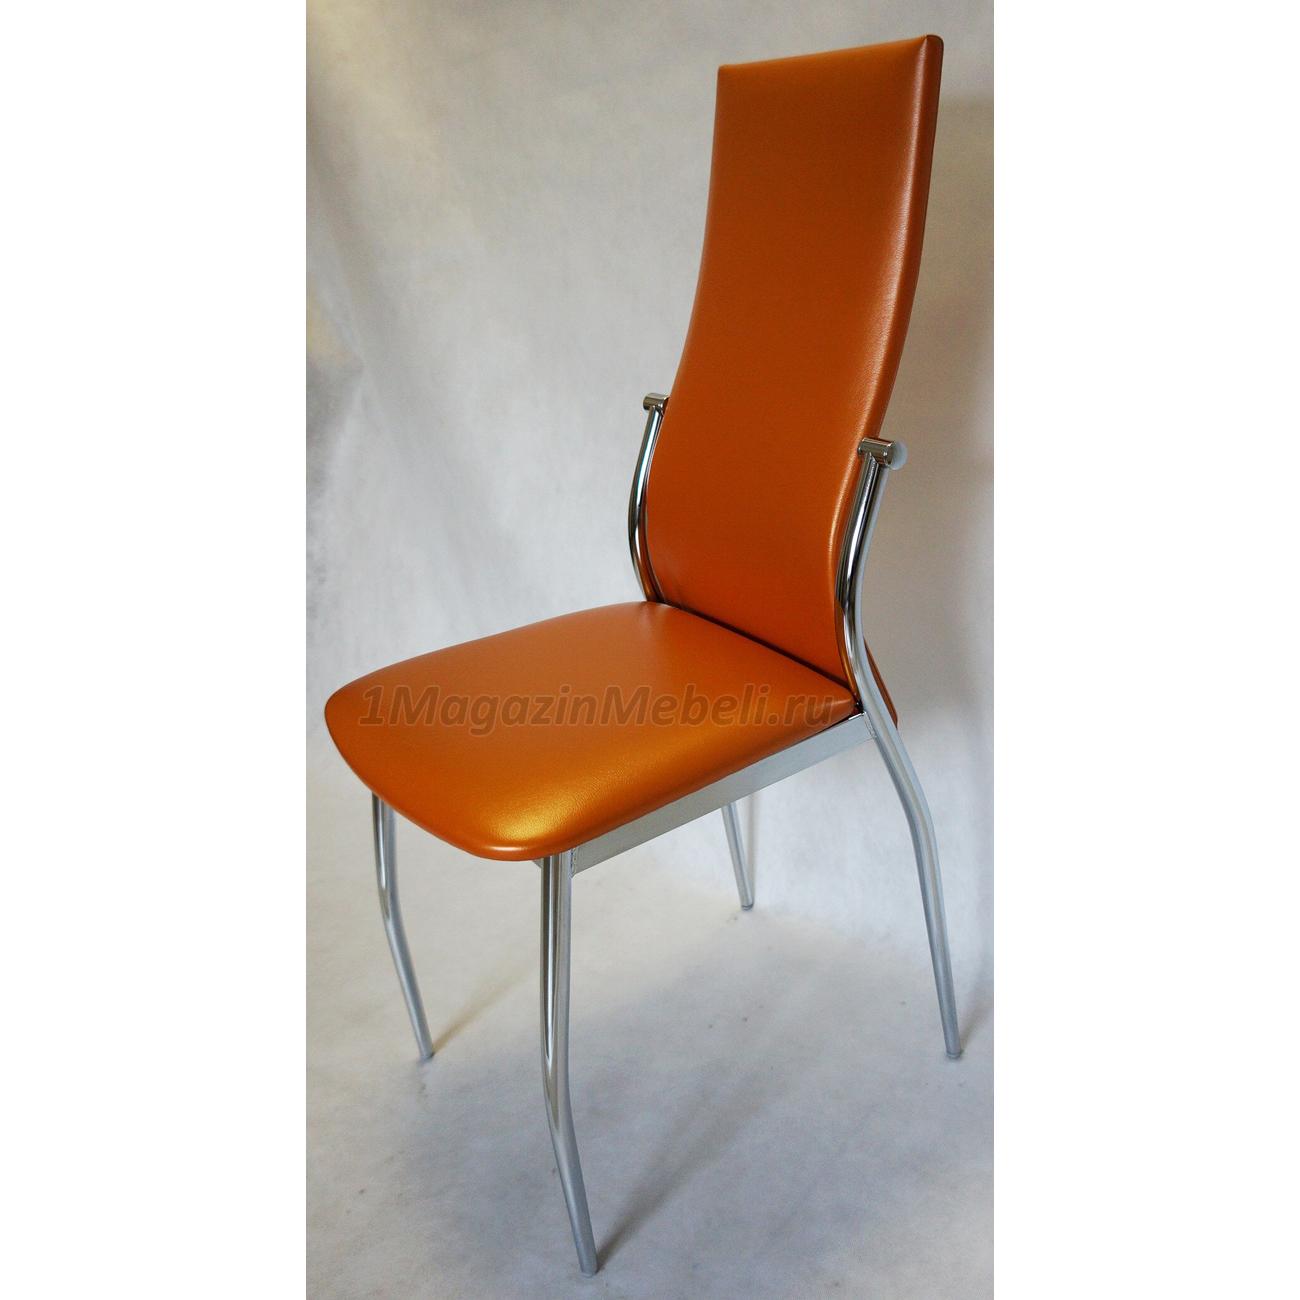 Оранжевый металлический кухонный стул с удобной спинкой (арт. М3219)